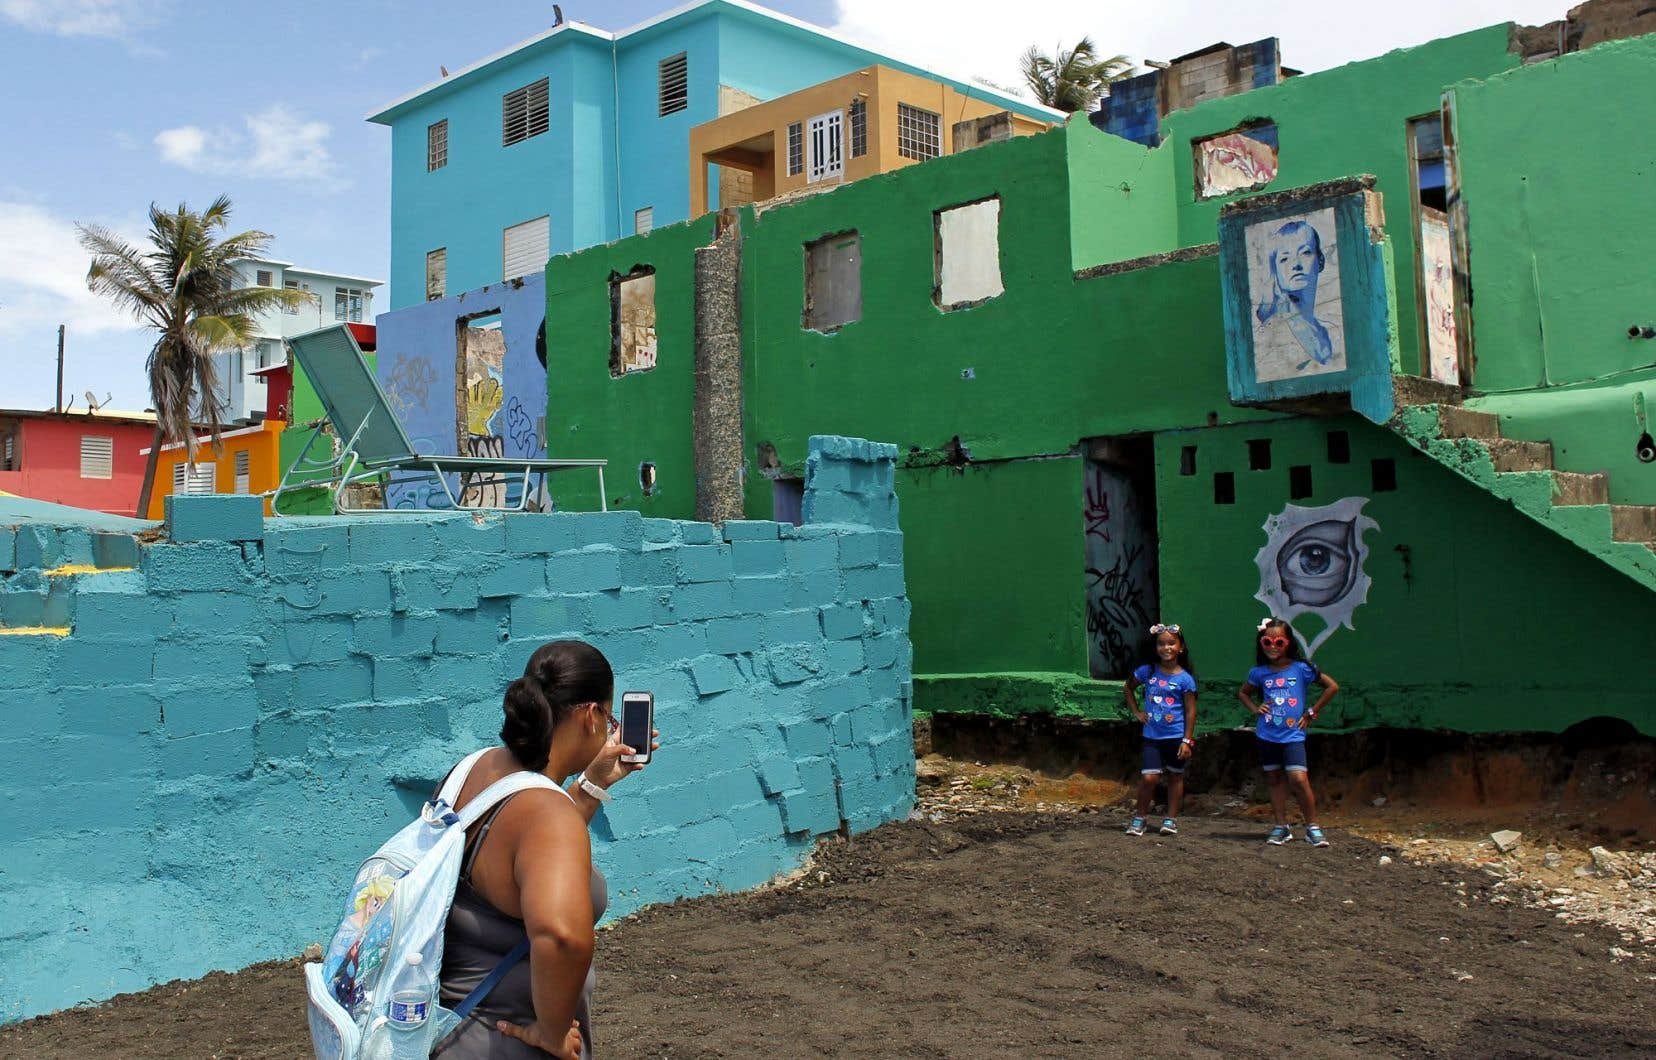 Une femme prend des photos de ses deux petites filles dans le quartier La Perla, où a été tournée la populaire vidéo <em>Despacito</em>.